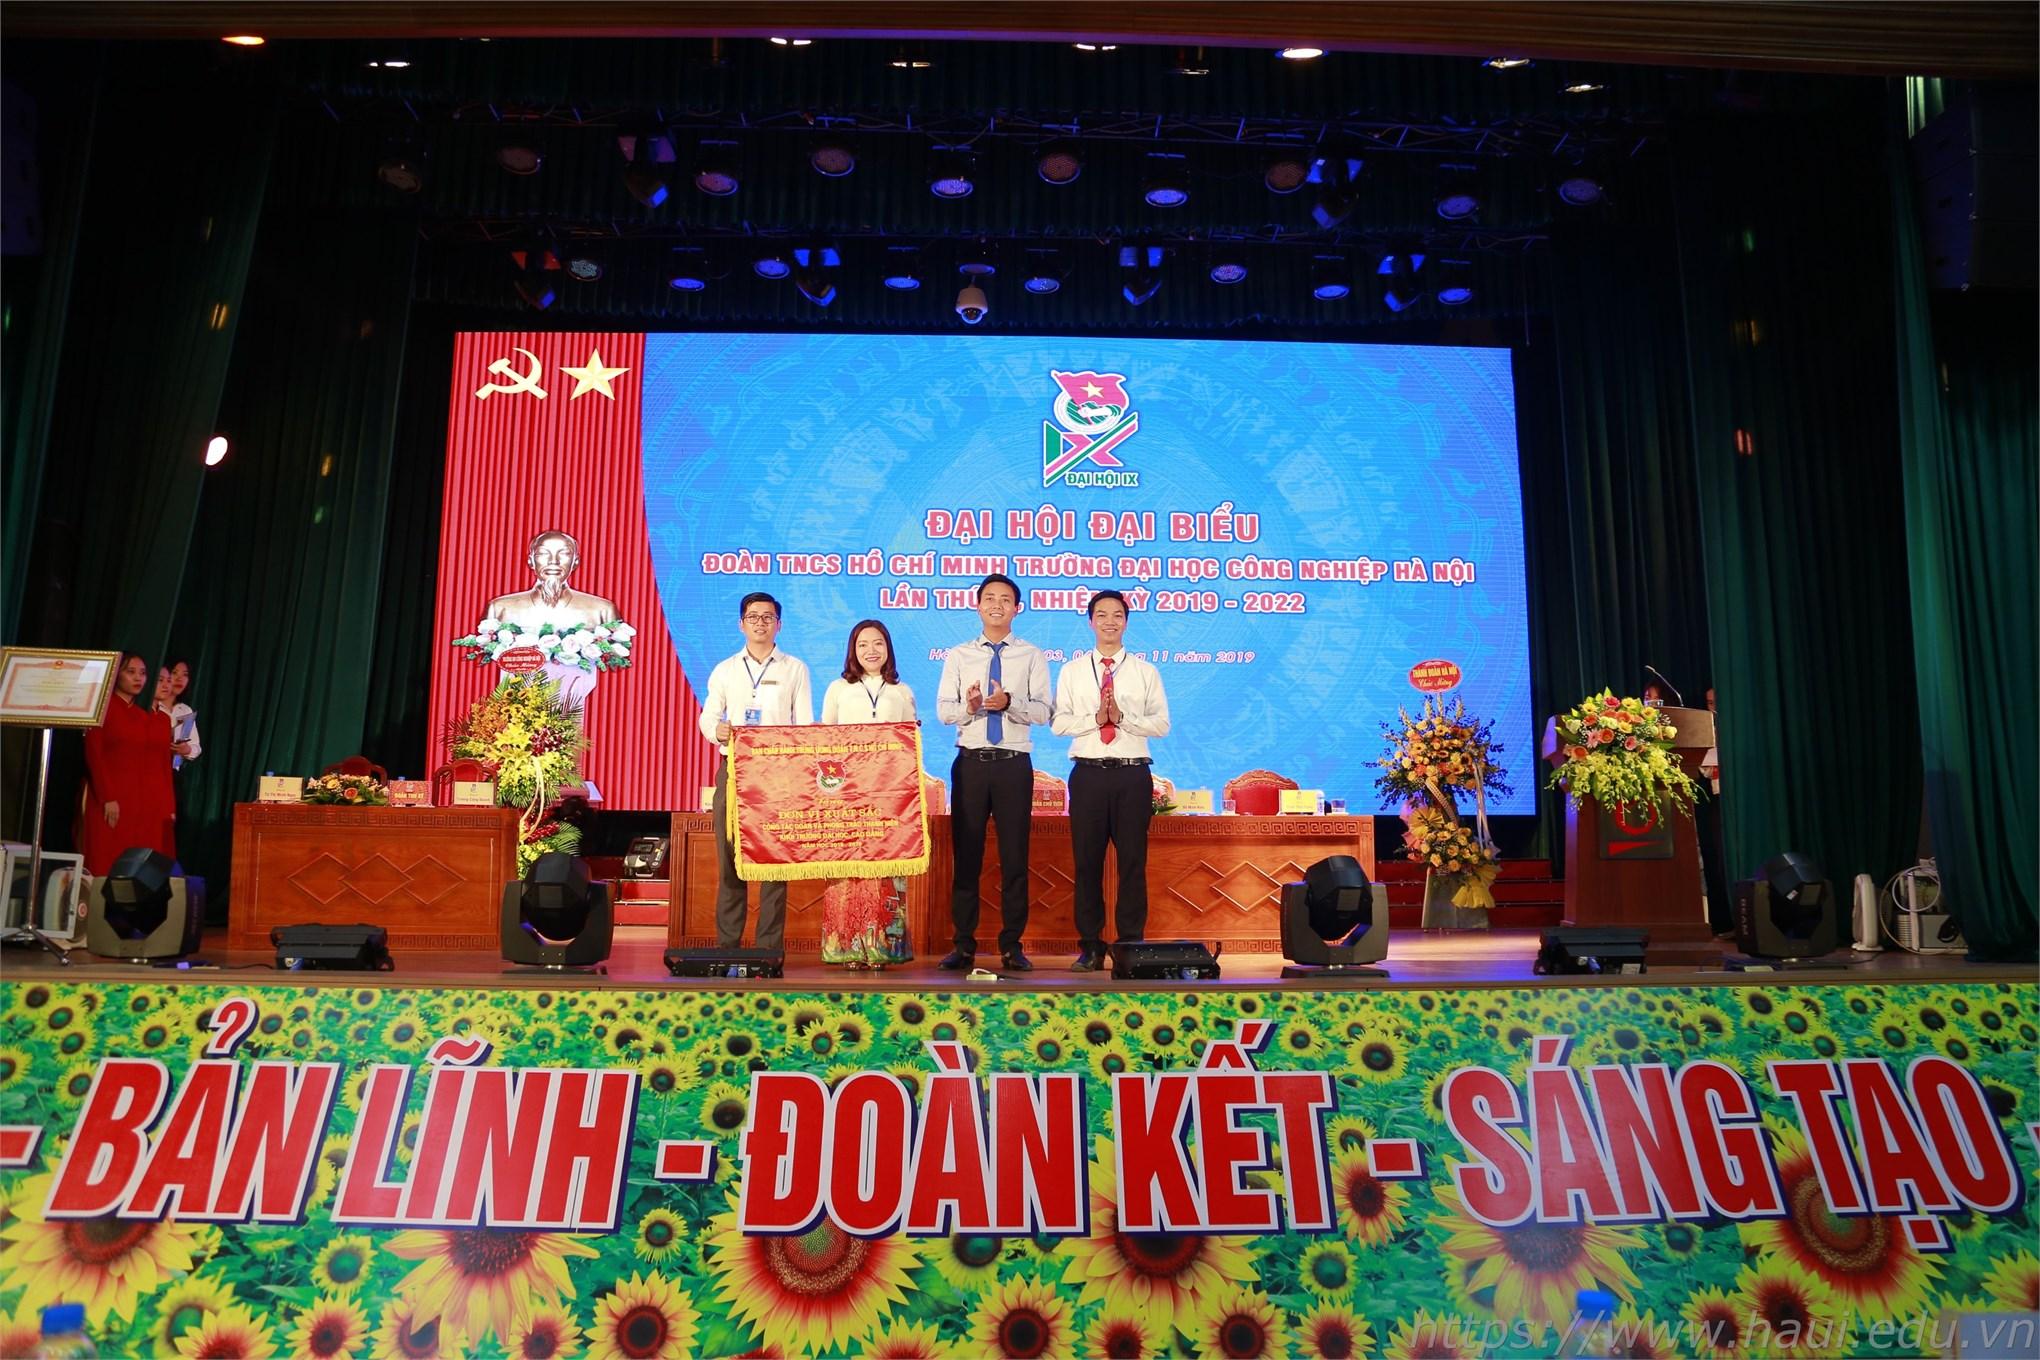 Đại hội đại biểu Đoàn TNCS Hồ Chí Minh trường Đại học Công nghiệp Hà Nội lần thứ IX, nhiệm kỳ 2019 - 2022